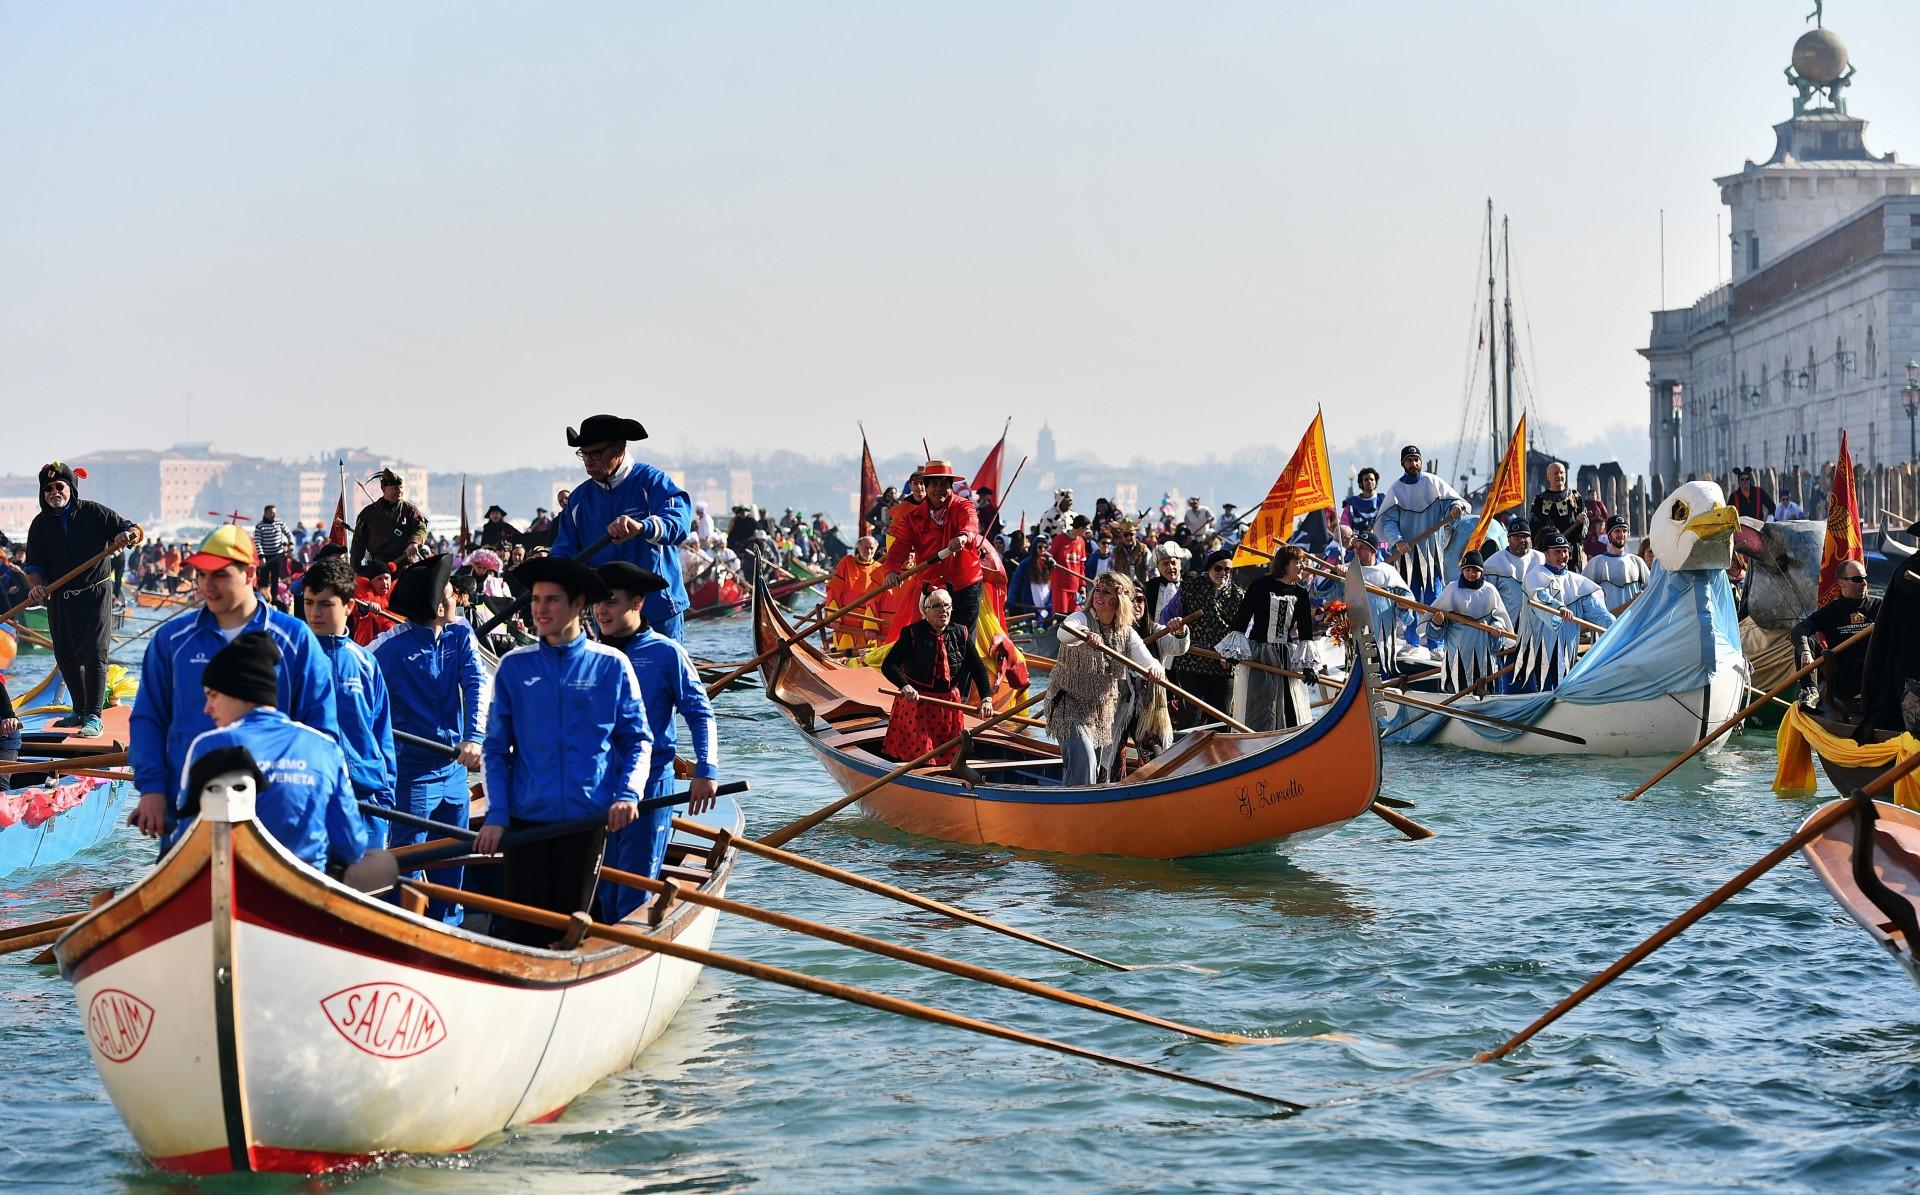 Los barcos decorados con juerguistas se mueven en el Gran Canal durante la regata de apertura del Carnaval de Venecia el 17 de febrero de 2019.